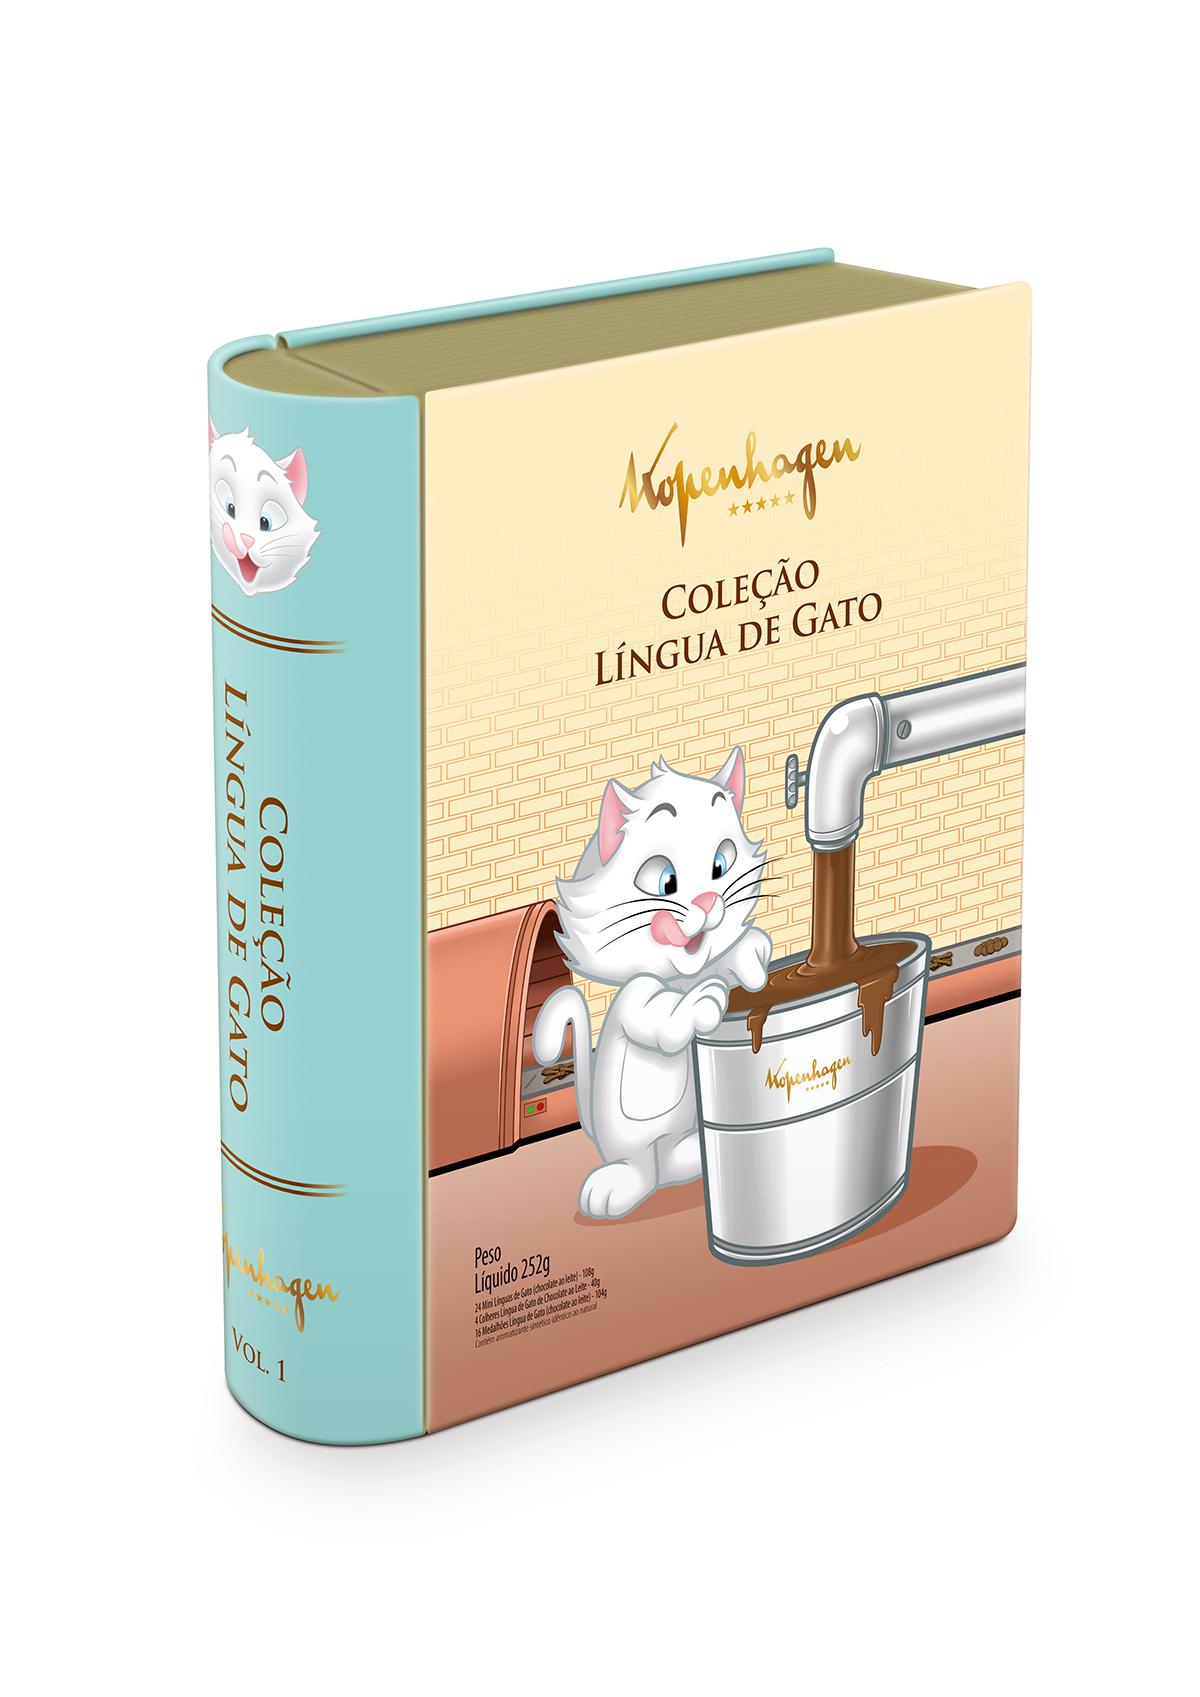 Kopenhagen apresenta novo mascote e outros dois lançamentos especiais da linha Língua de Gato